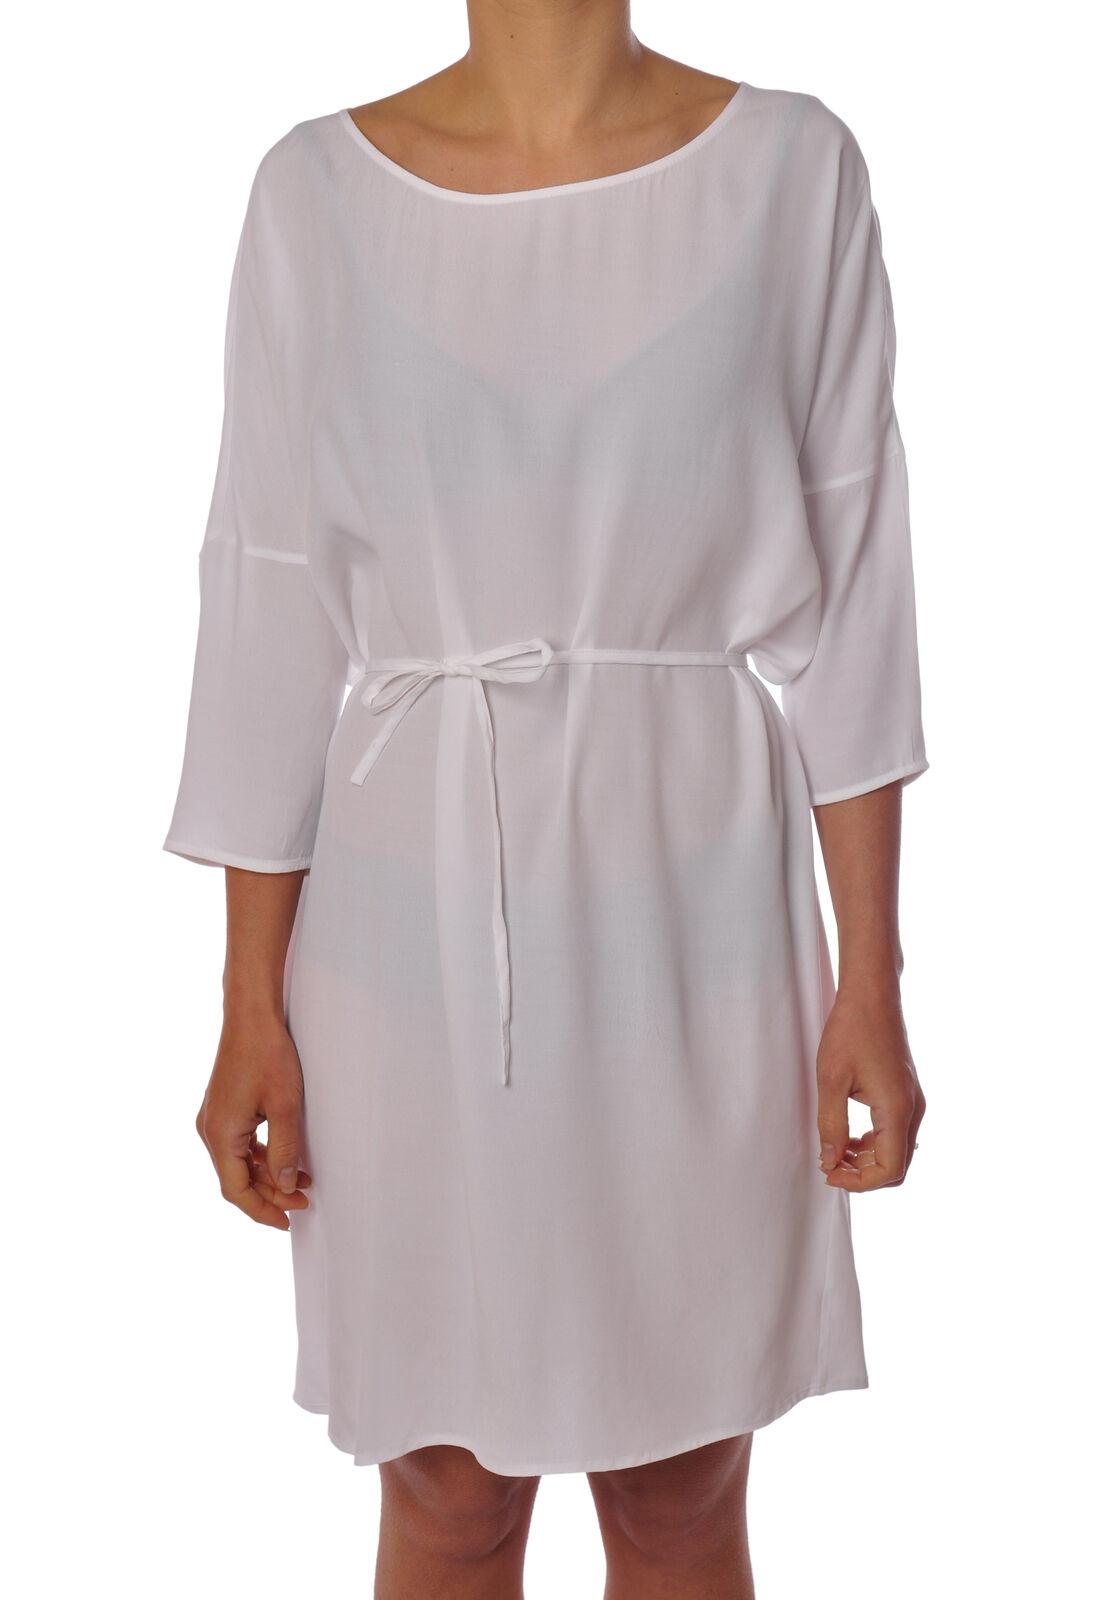 Vestidos  de vestido Woolrich - - - Mujer-blancoo - 1992225G190733  ventas en linea